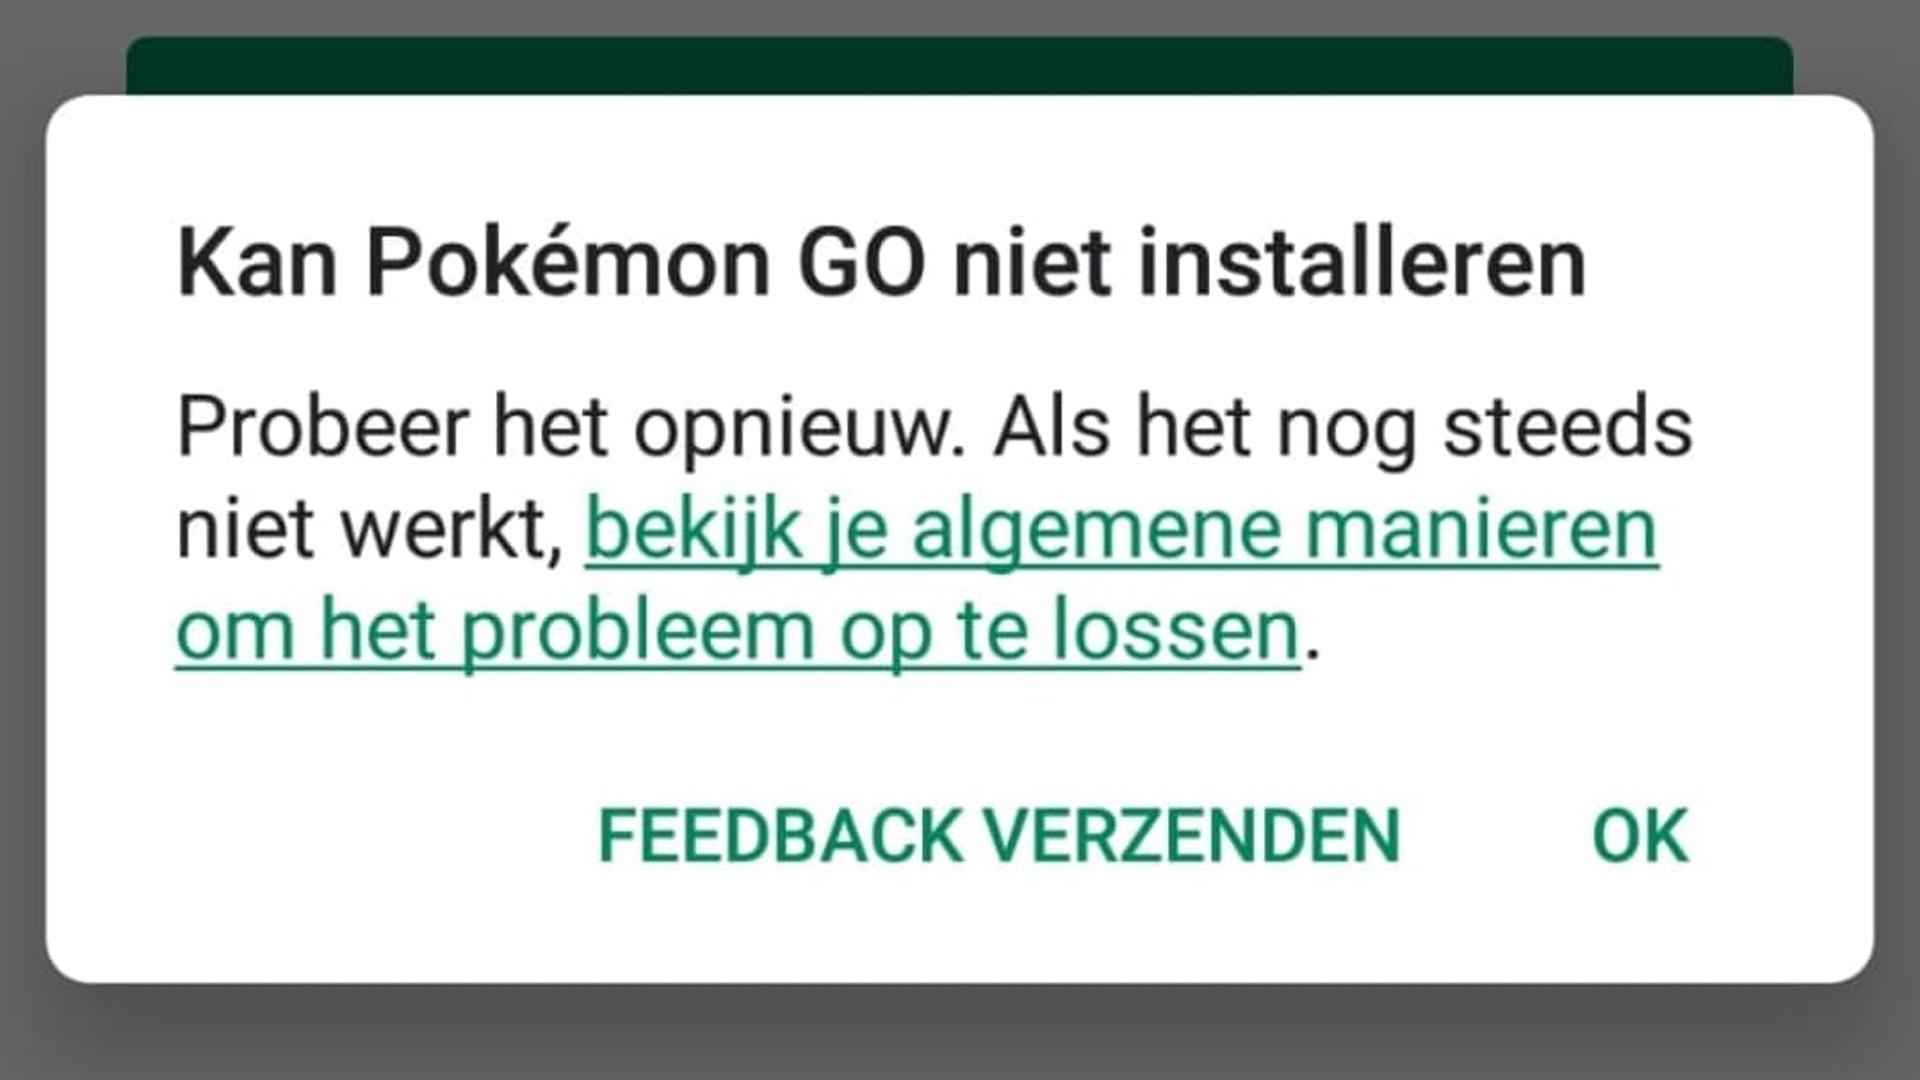 Verschillende Pokémon GO-update problemen voor Android - NWTV